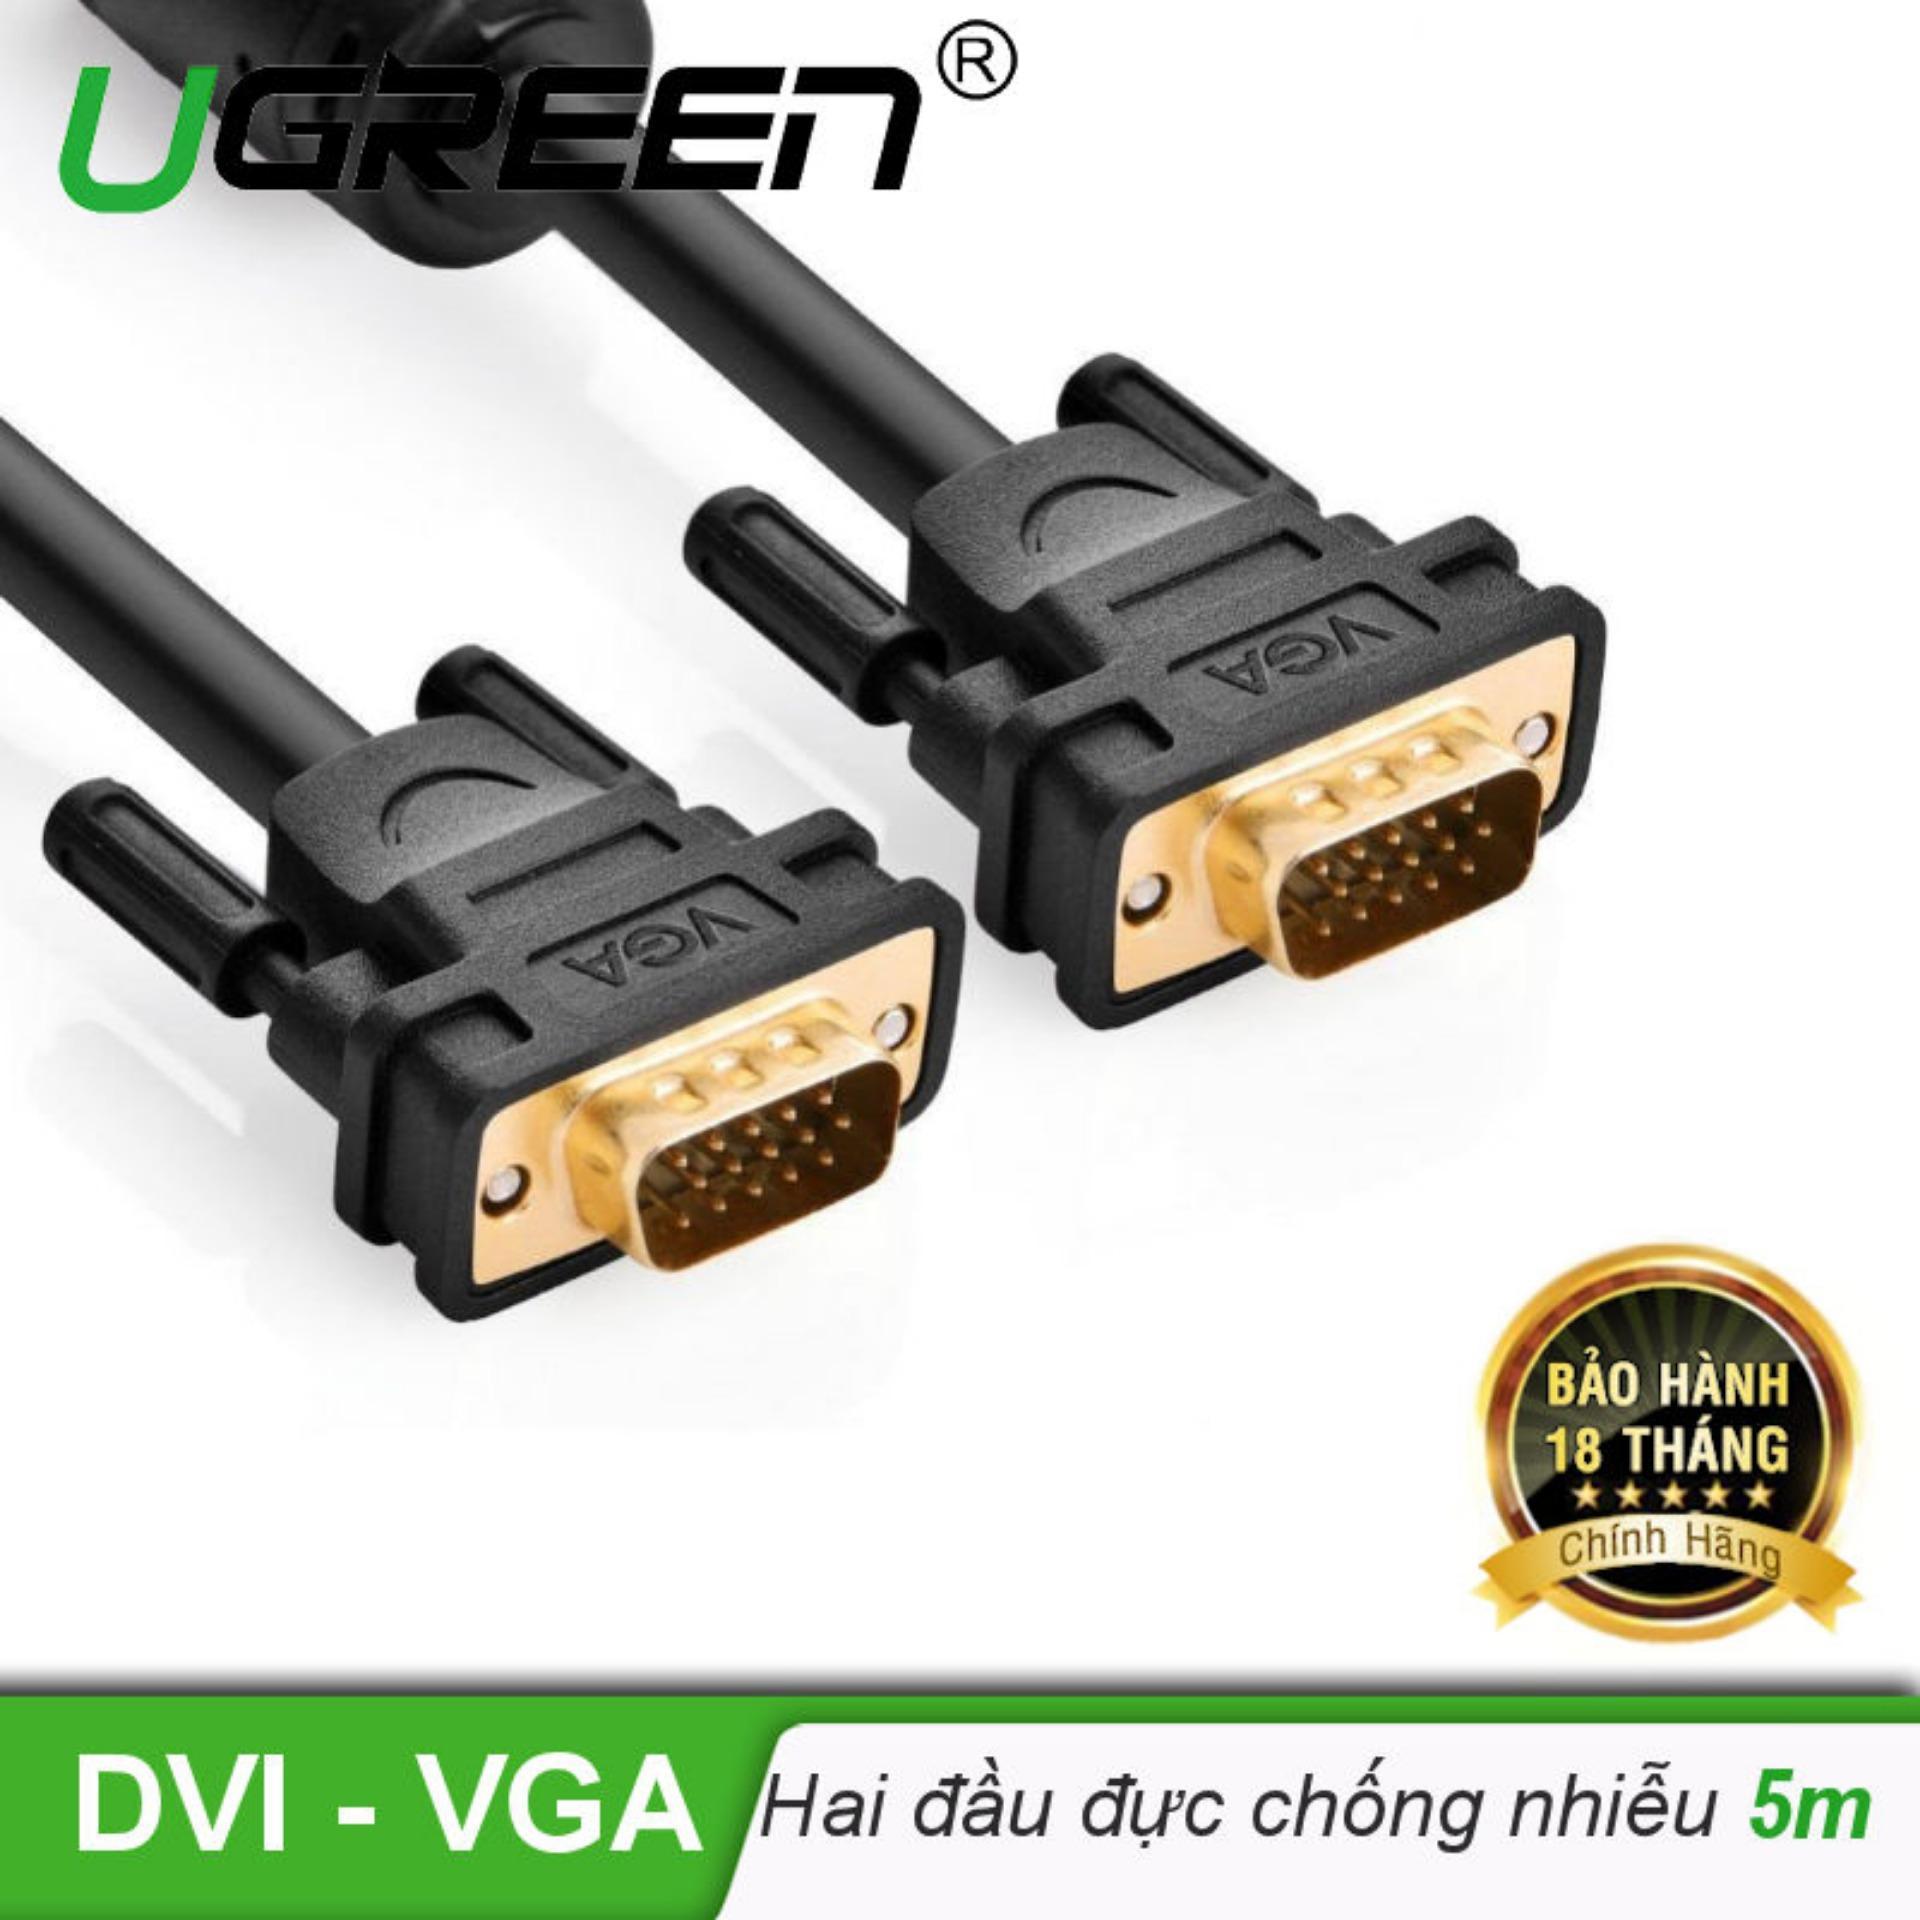 Dây cáp kết nối VGA HDB 15 đực sang HDB 15 đực dài 5M UGREEN VG101 11632 - Hãng phân...